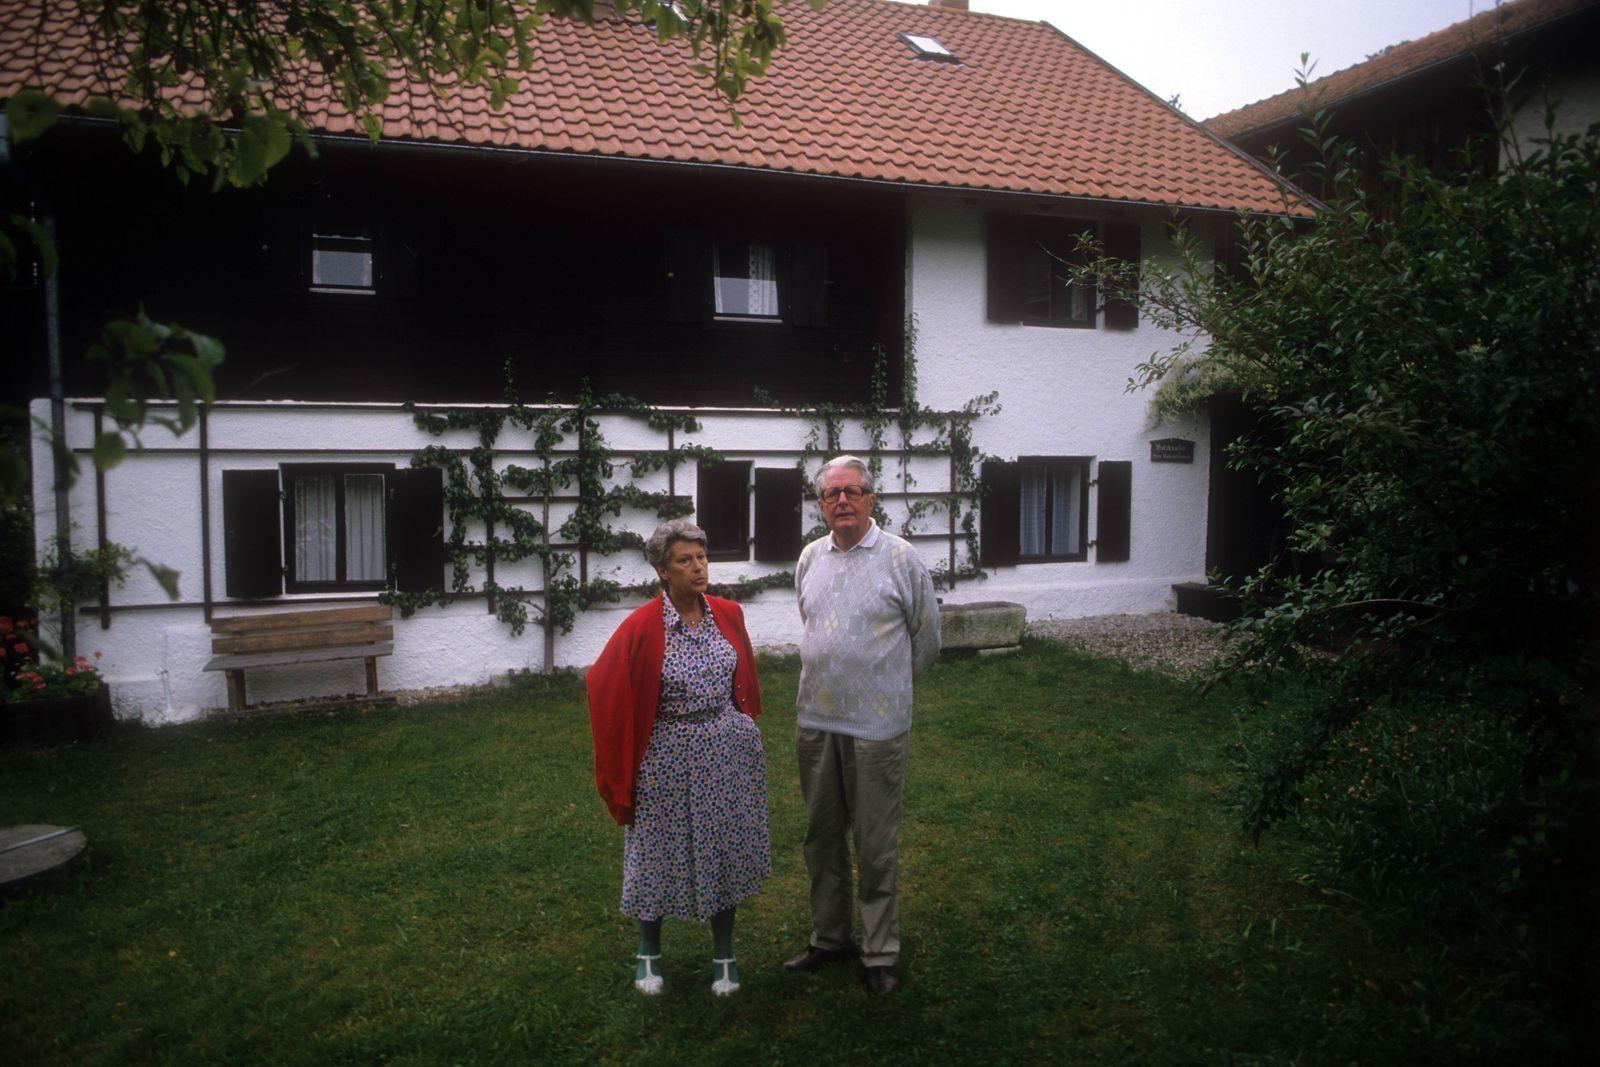 SPD Bundesvorsitzender Hans Jochen Vogel mit seiner Frau Liselotte auf seinem Bauernhof in Untertattenbach (Niederbayer